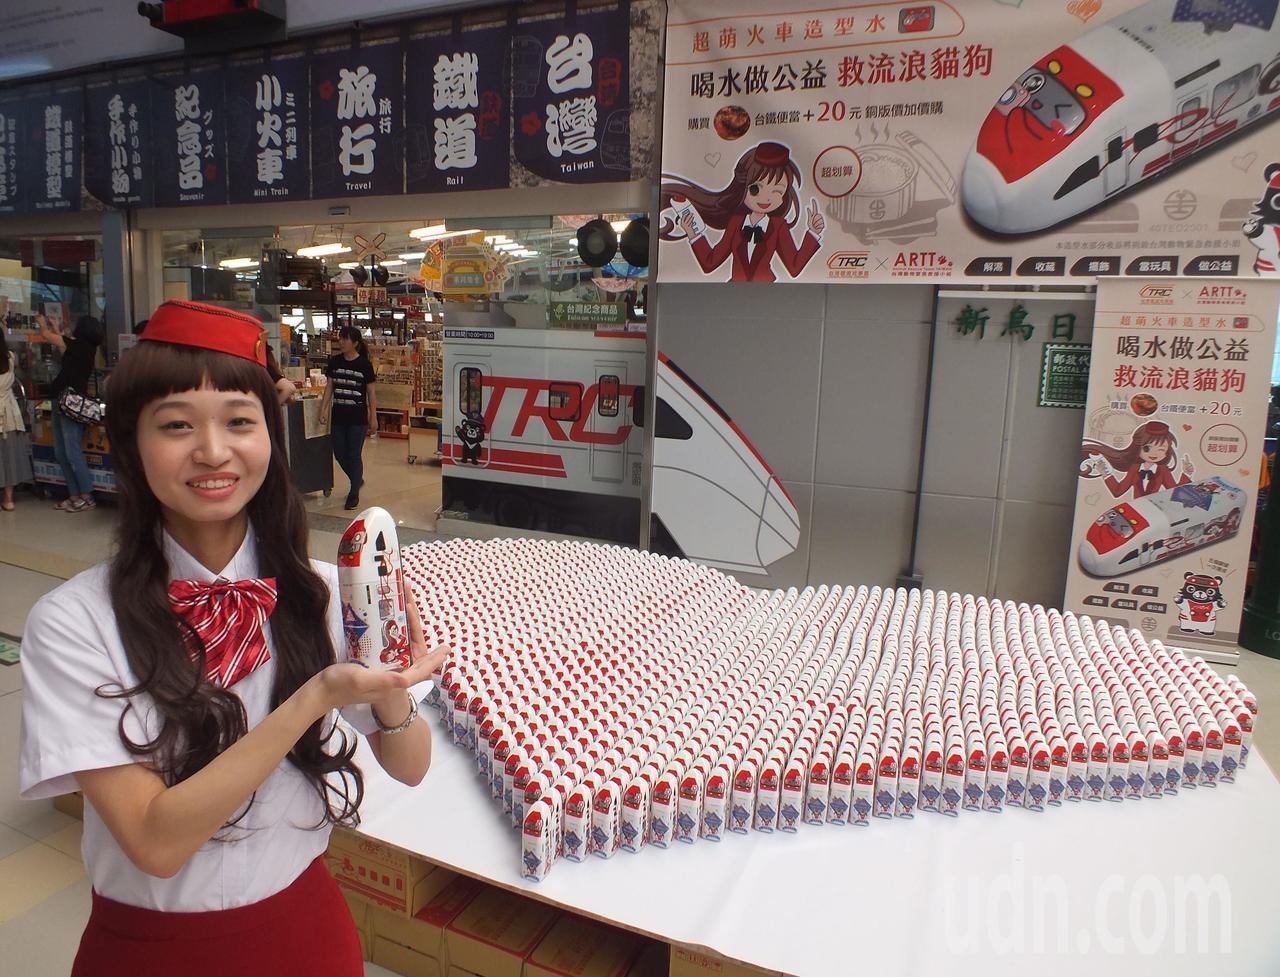 造型水原創設計師正妹、22歲孫靖惠扮「快車小姐」,拿著自己設計的可愛造型水向過往...